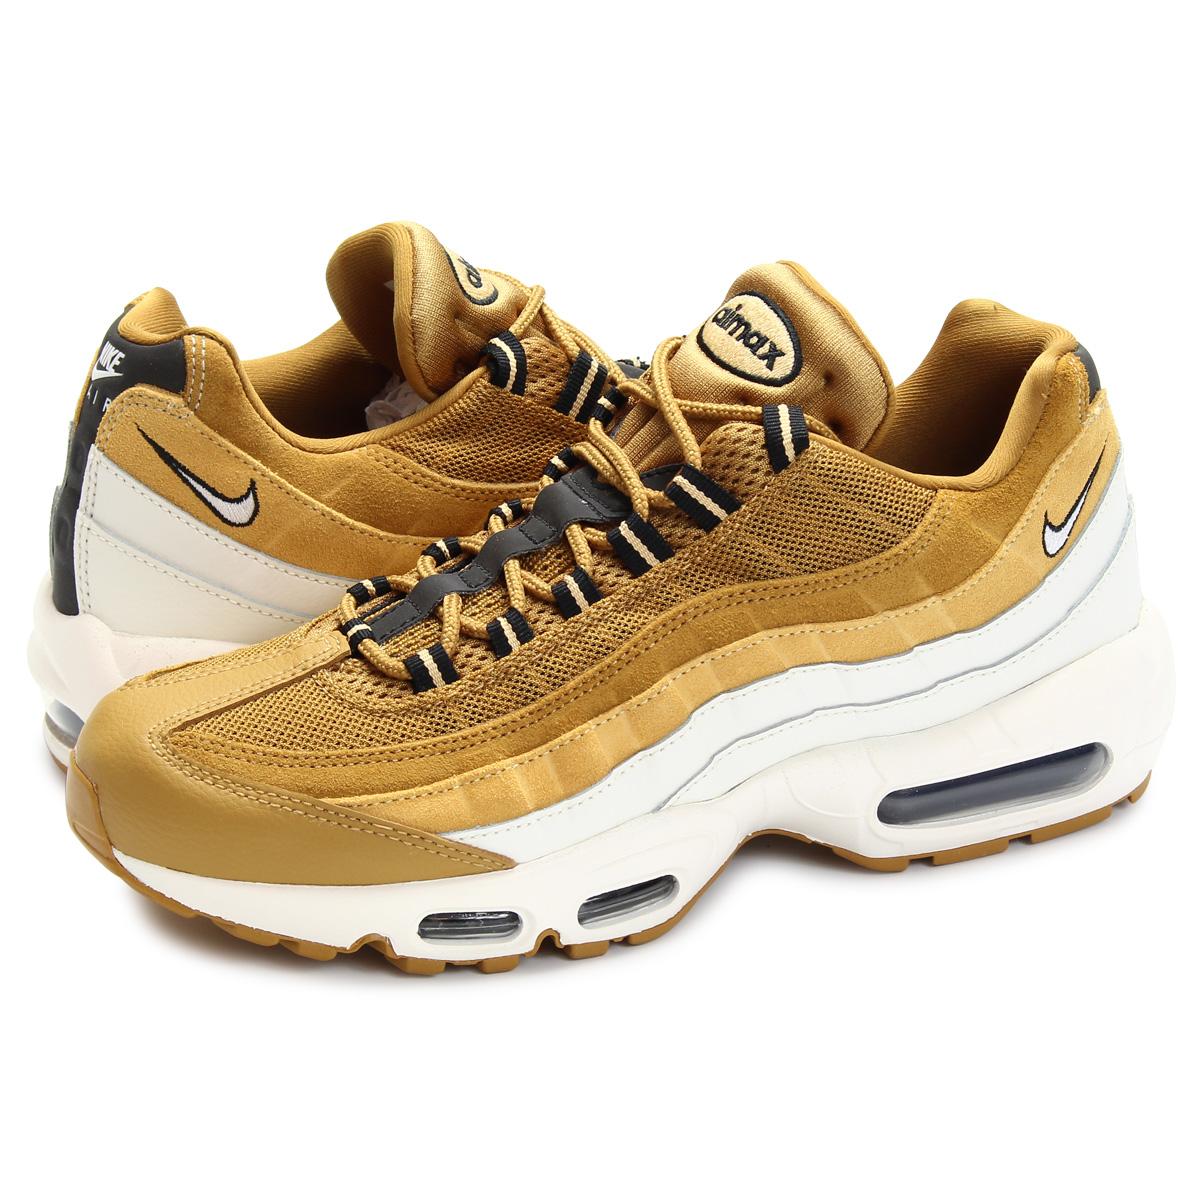 Nike NIKE Air Max 95 essential sneakers men gap Dis AIR MAX 95 ESSENTIAL brown AT9865 700